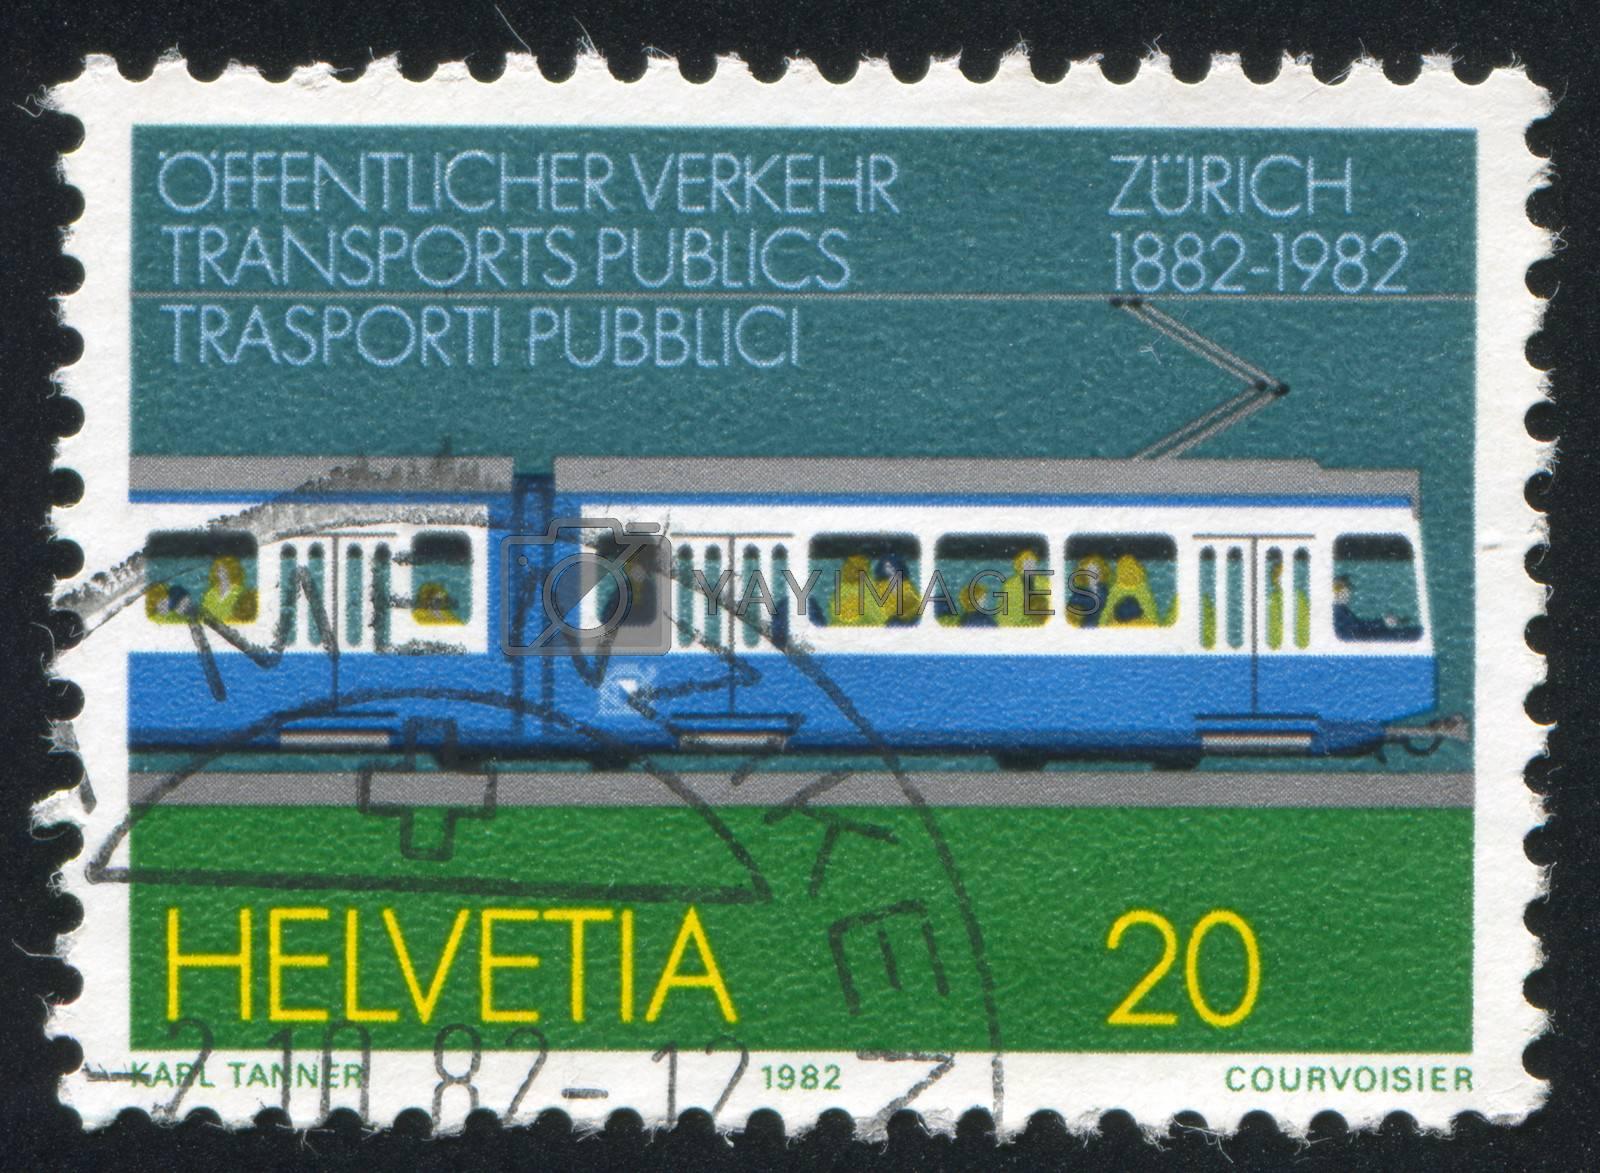 SWITZERLAND - CIRCA 1982: stamp printed by Switzerland, shows Zurich Tram, circa 1982